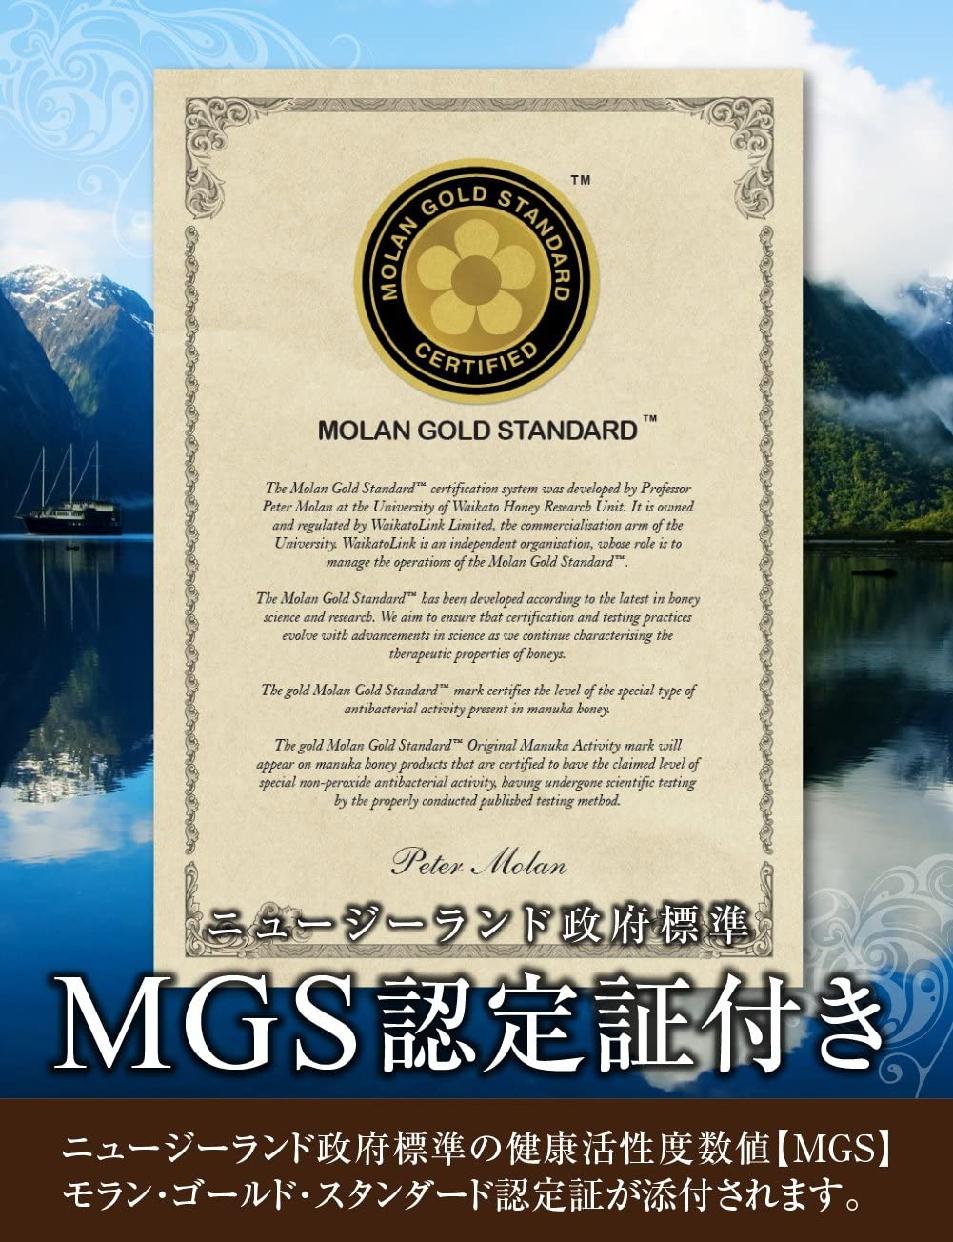 mariri NewZealand(マリリニュージーランド) マヌカハニーMG 400+ (MGS12+)の商品画像4